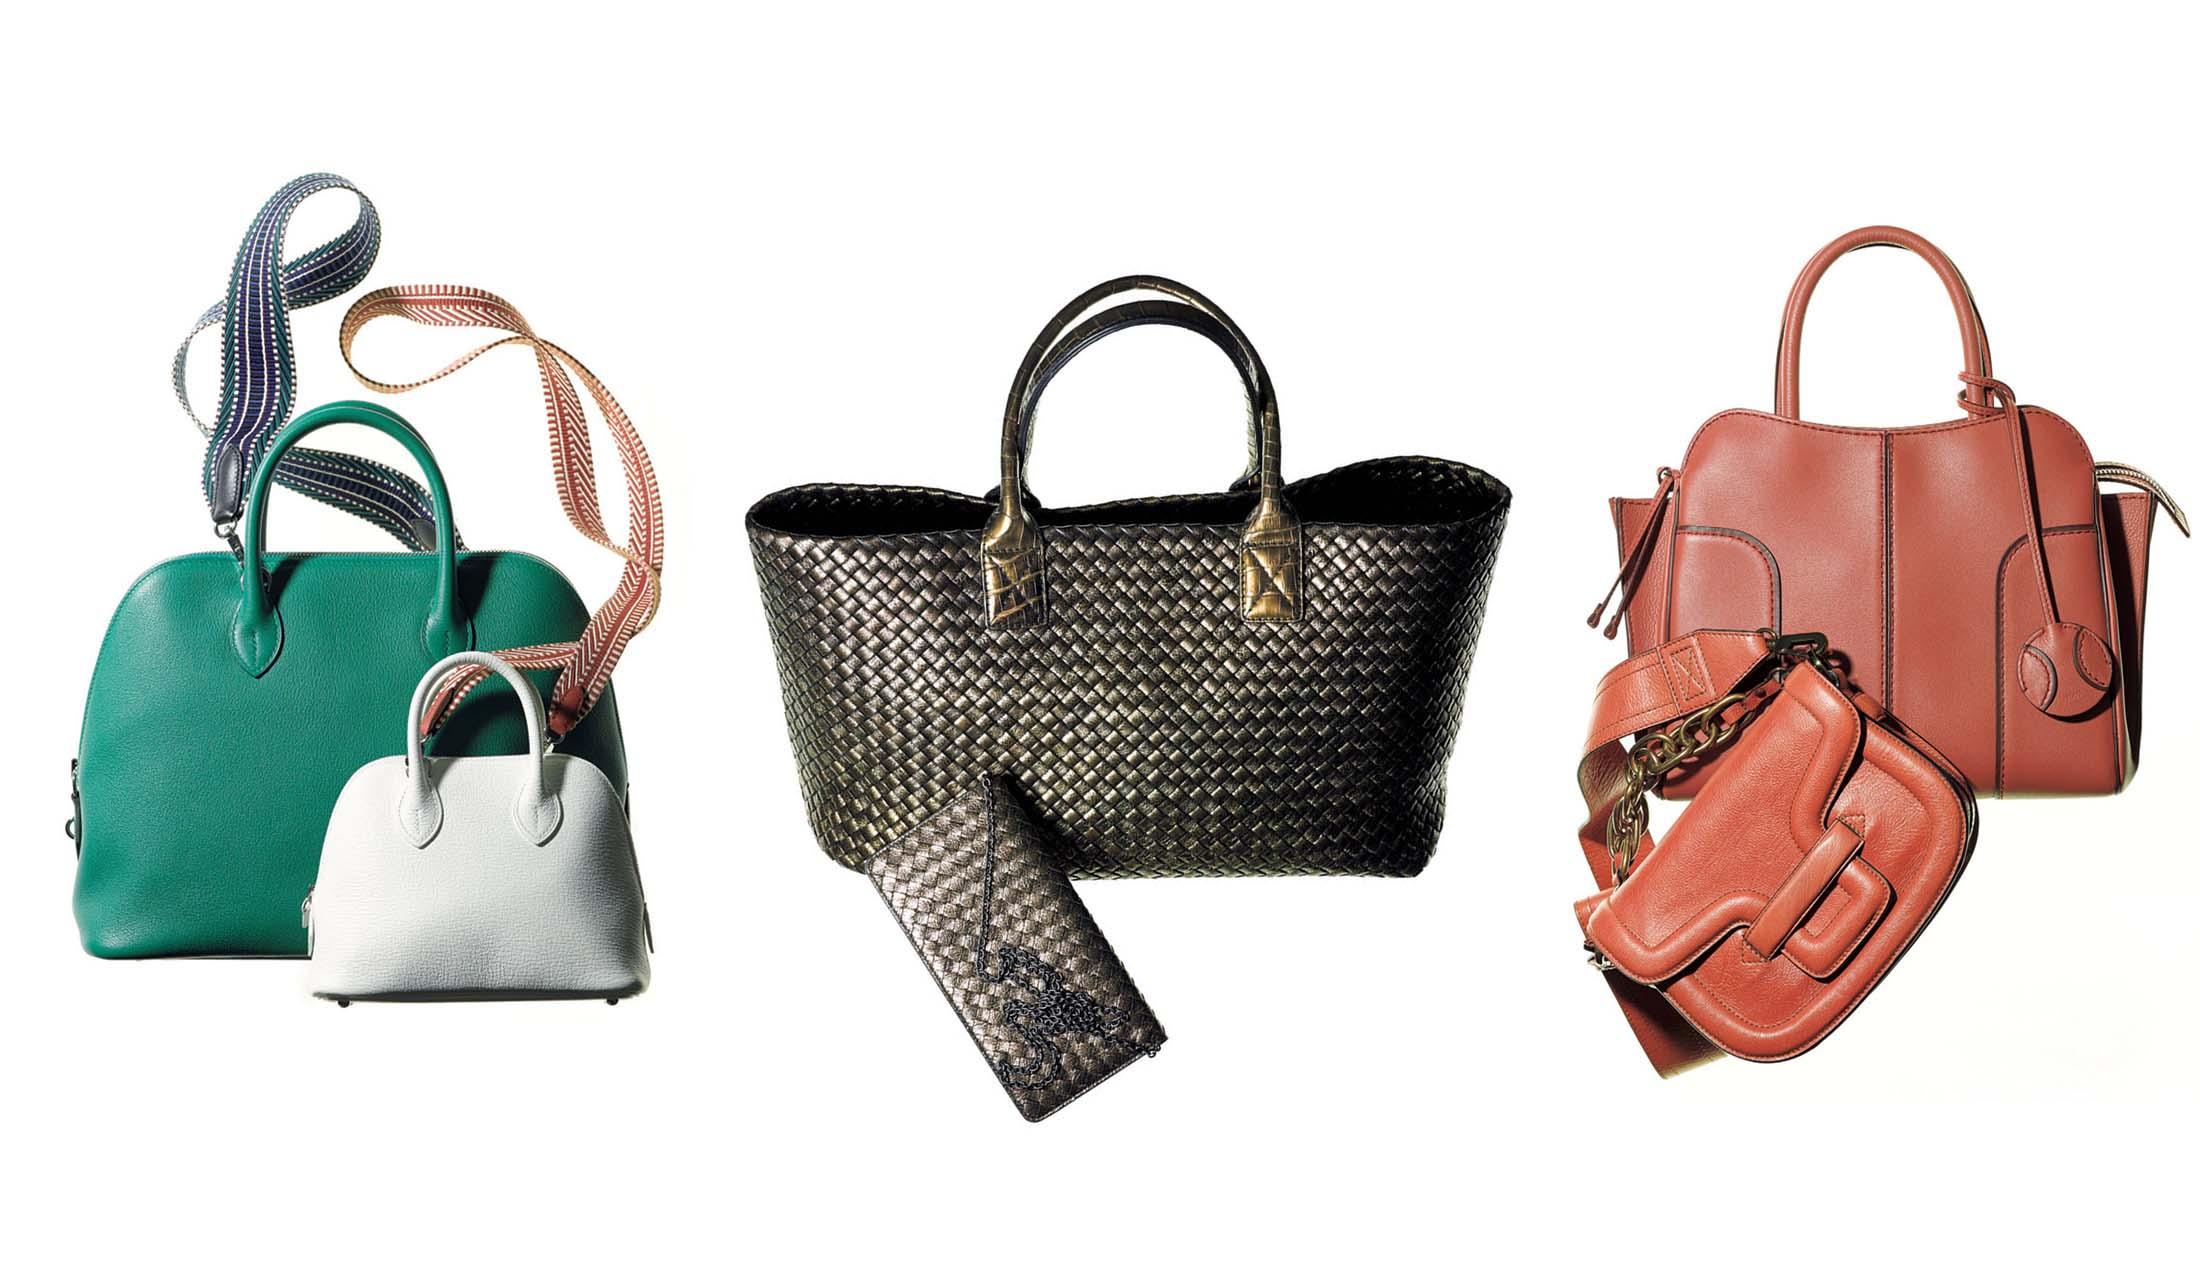 エルメスのバッグ用ストラップ『バンドリエール』、ボッテガ・ヴェネタの『カバ』、トッズとピエール アルディの「タンカラー」バッグ